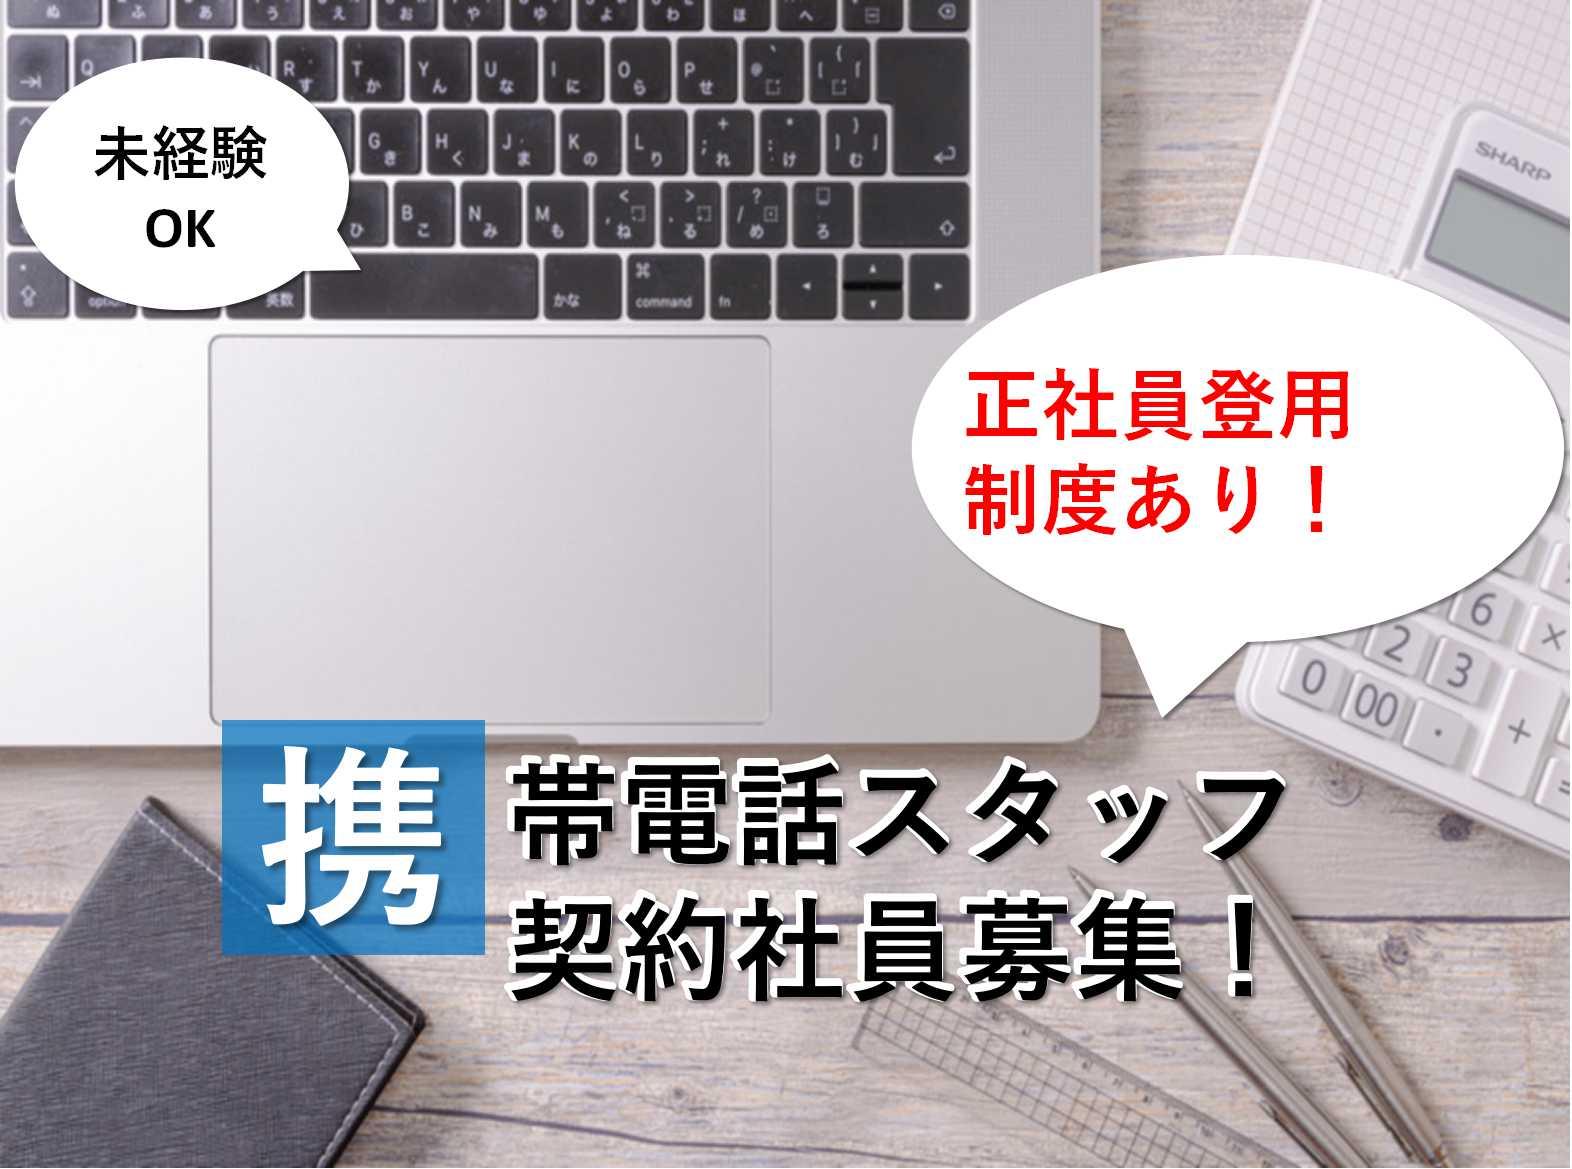 【名古屋市名東区】直行直帰OK♪未経験歓迎★携帯電話スタッフ【即面談可能】 イメージ